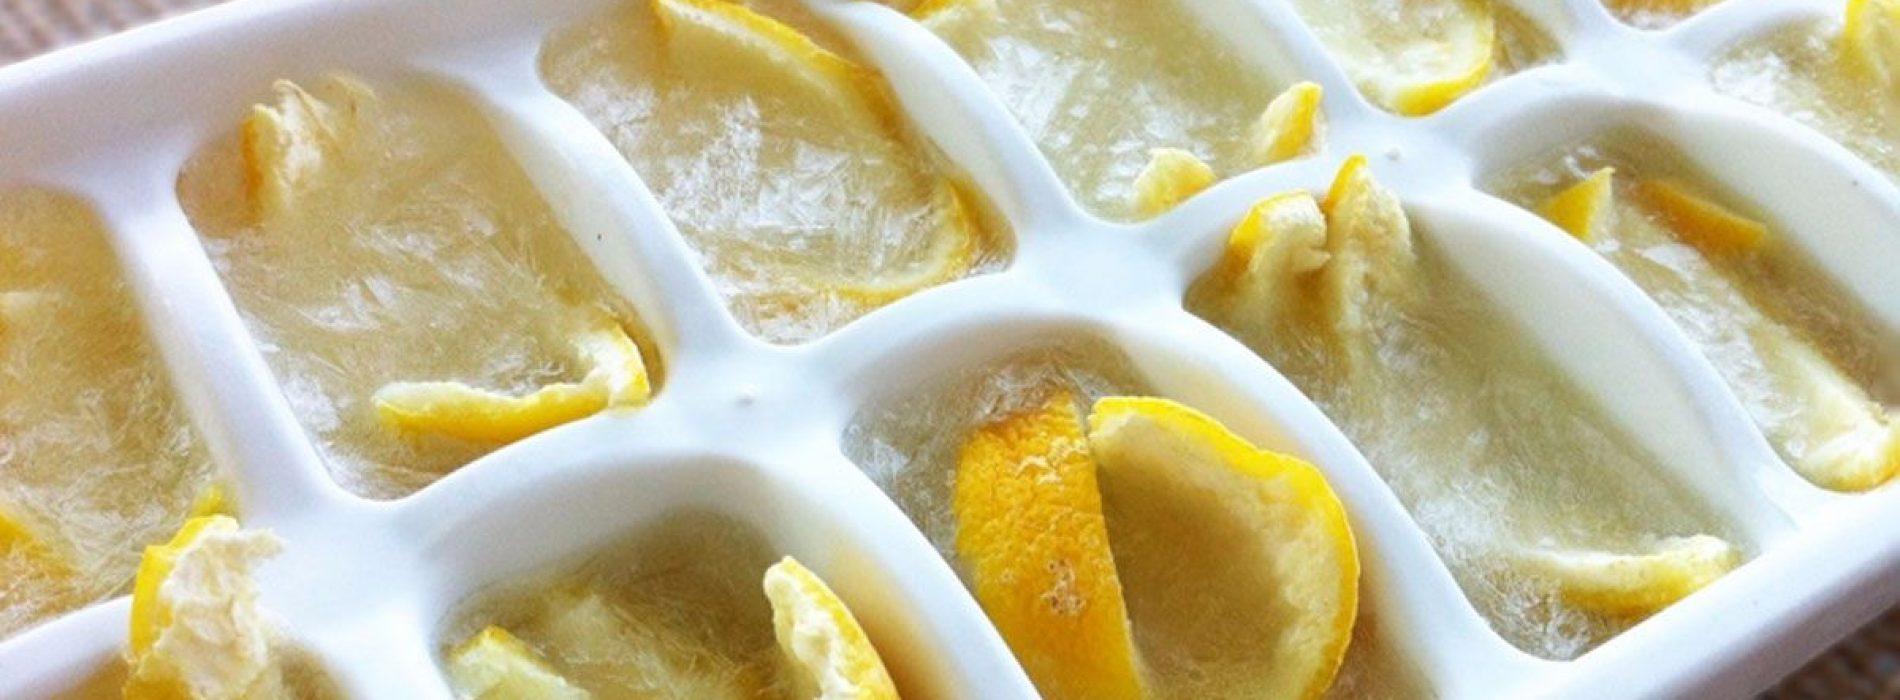 10 geniale redenen waarom je citroenen in de vriezer moet bewaren